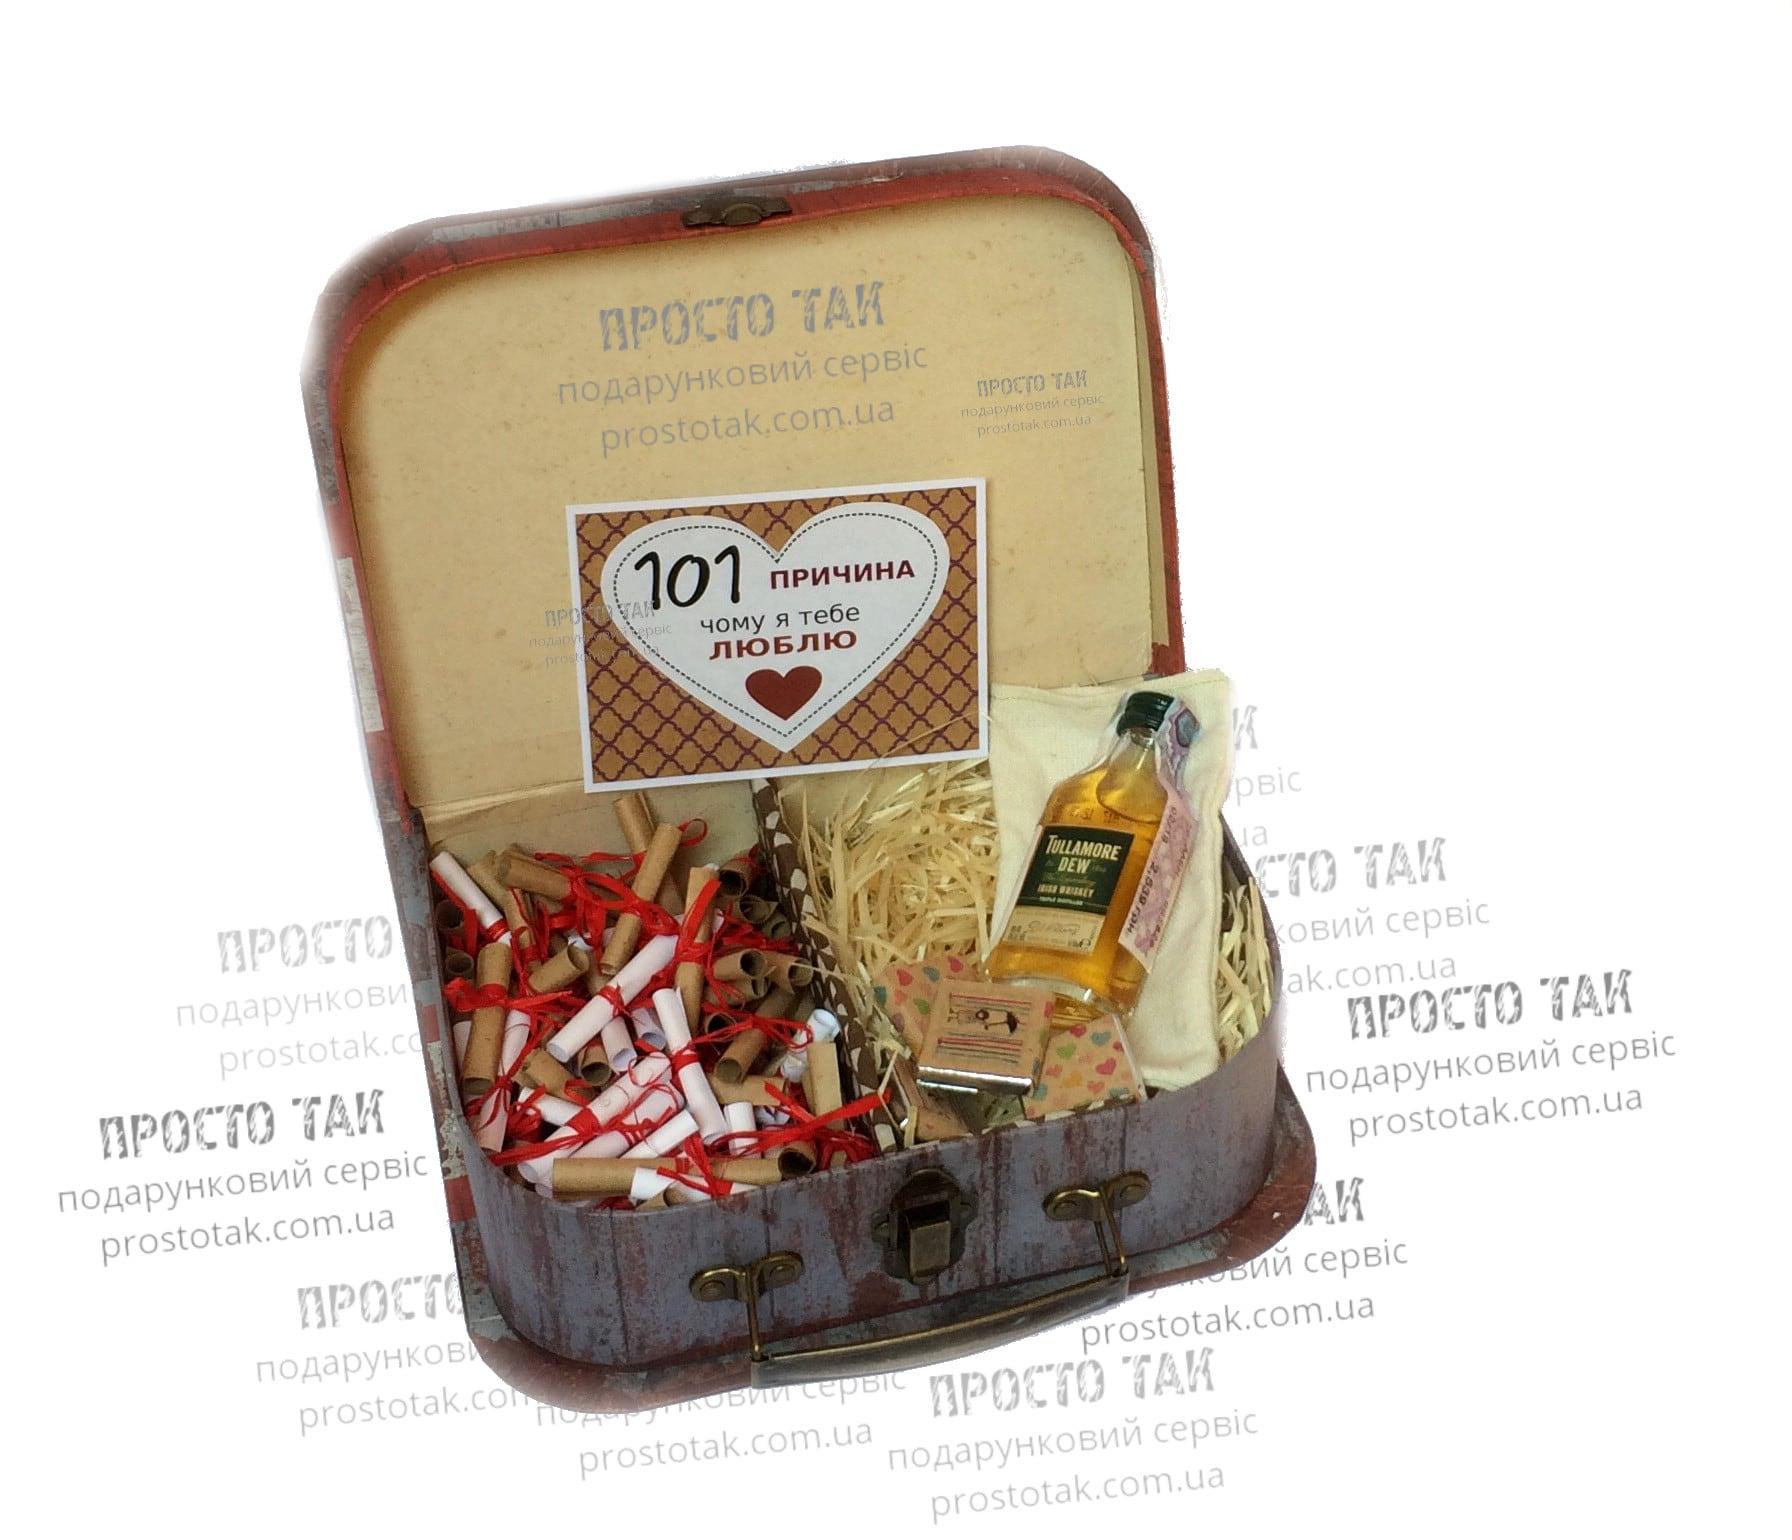 Набір в коробці валіза 20х16х8см ГАЗЕТА ⋆ ПРОСТО ТАК ba09397d0eaaf